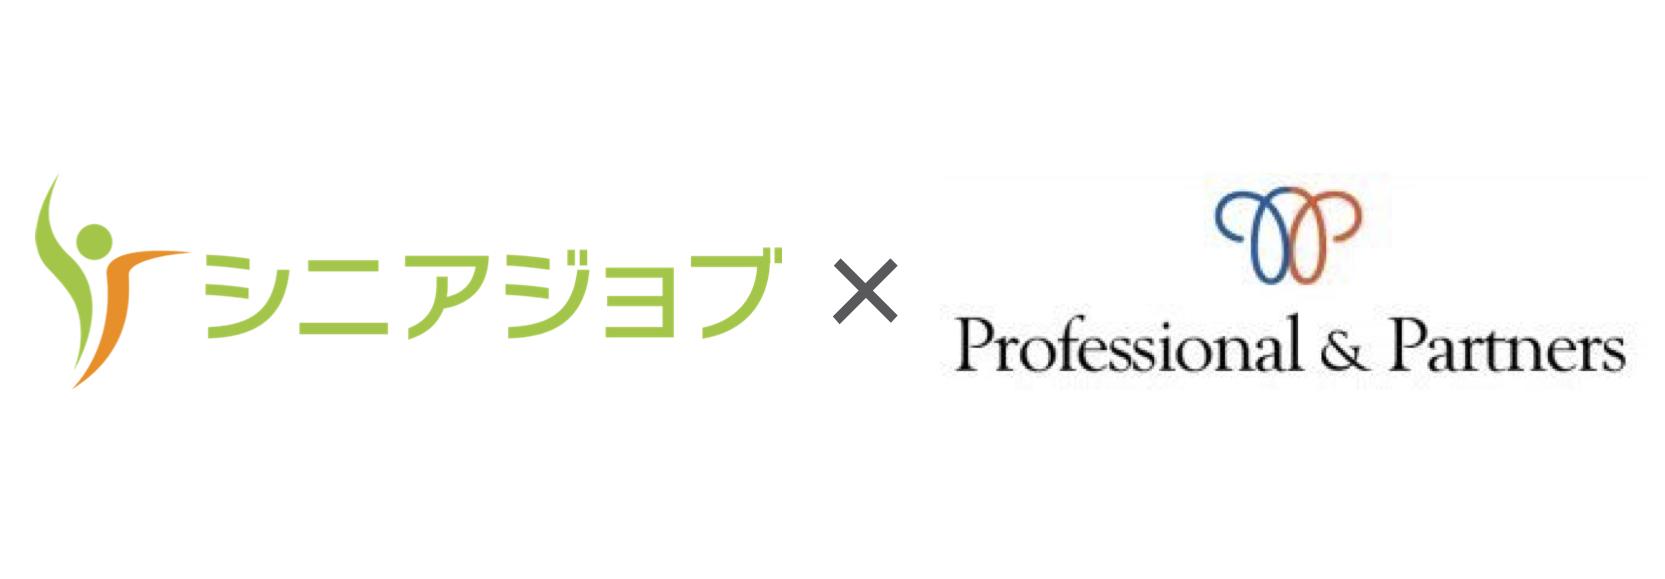 シニア転職のシニアジョブ、プロフェッショナル&パートナーズと業務提携